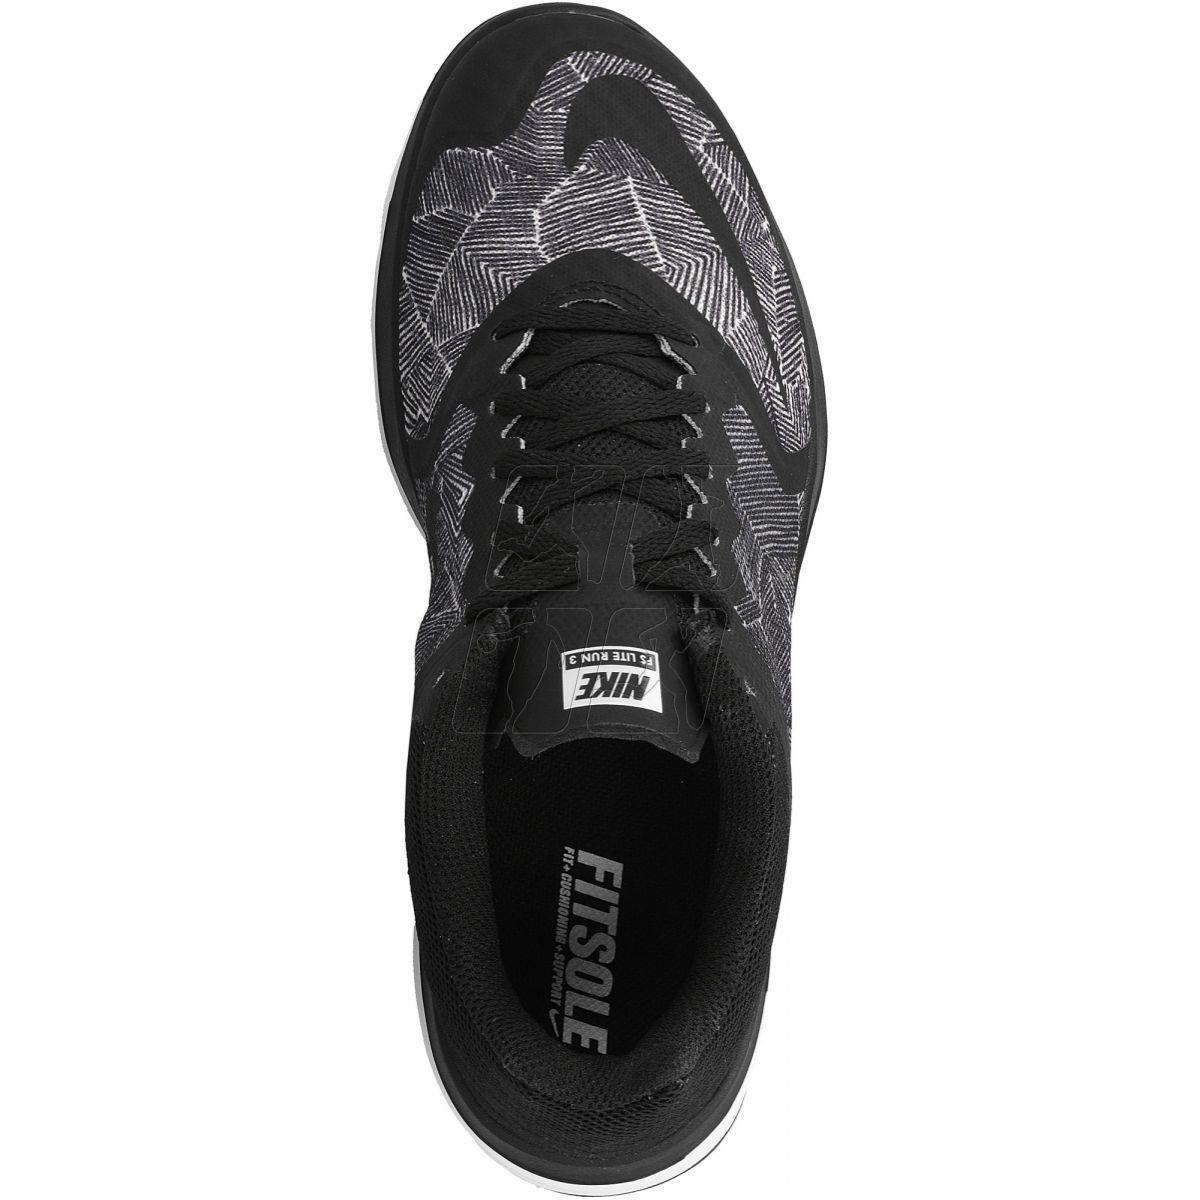 Buty Biegowe Nike Fs Lite Run 3 Print W 819167 001 Profesjonalny Sklep Sportowy Hurtowniasportowa Net Shoes Tennis Shoes Sneakers